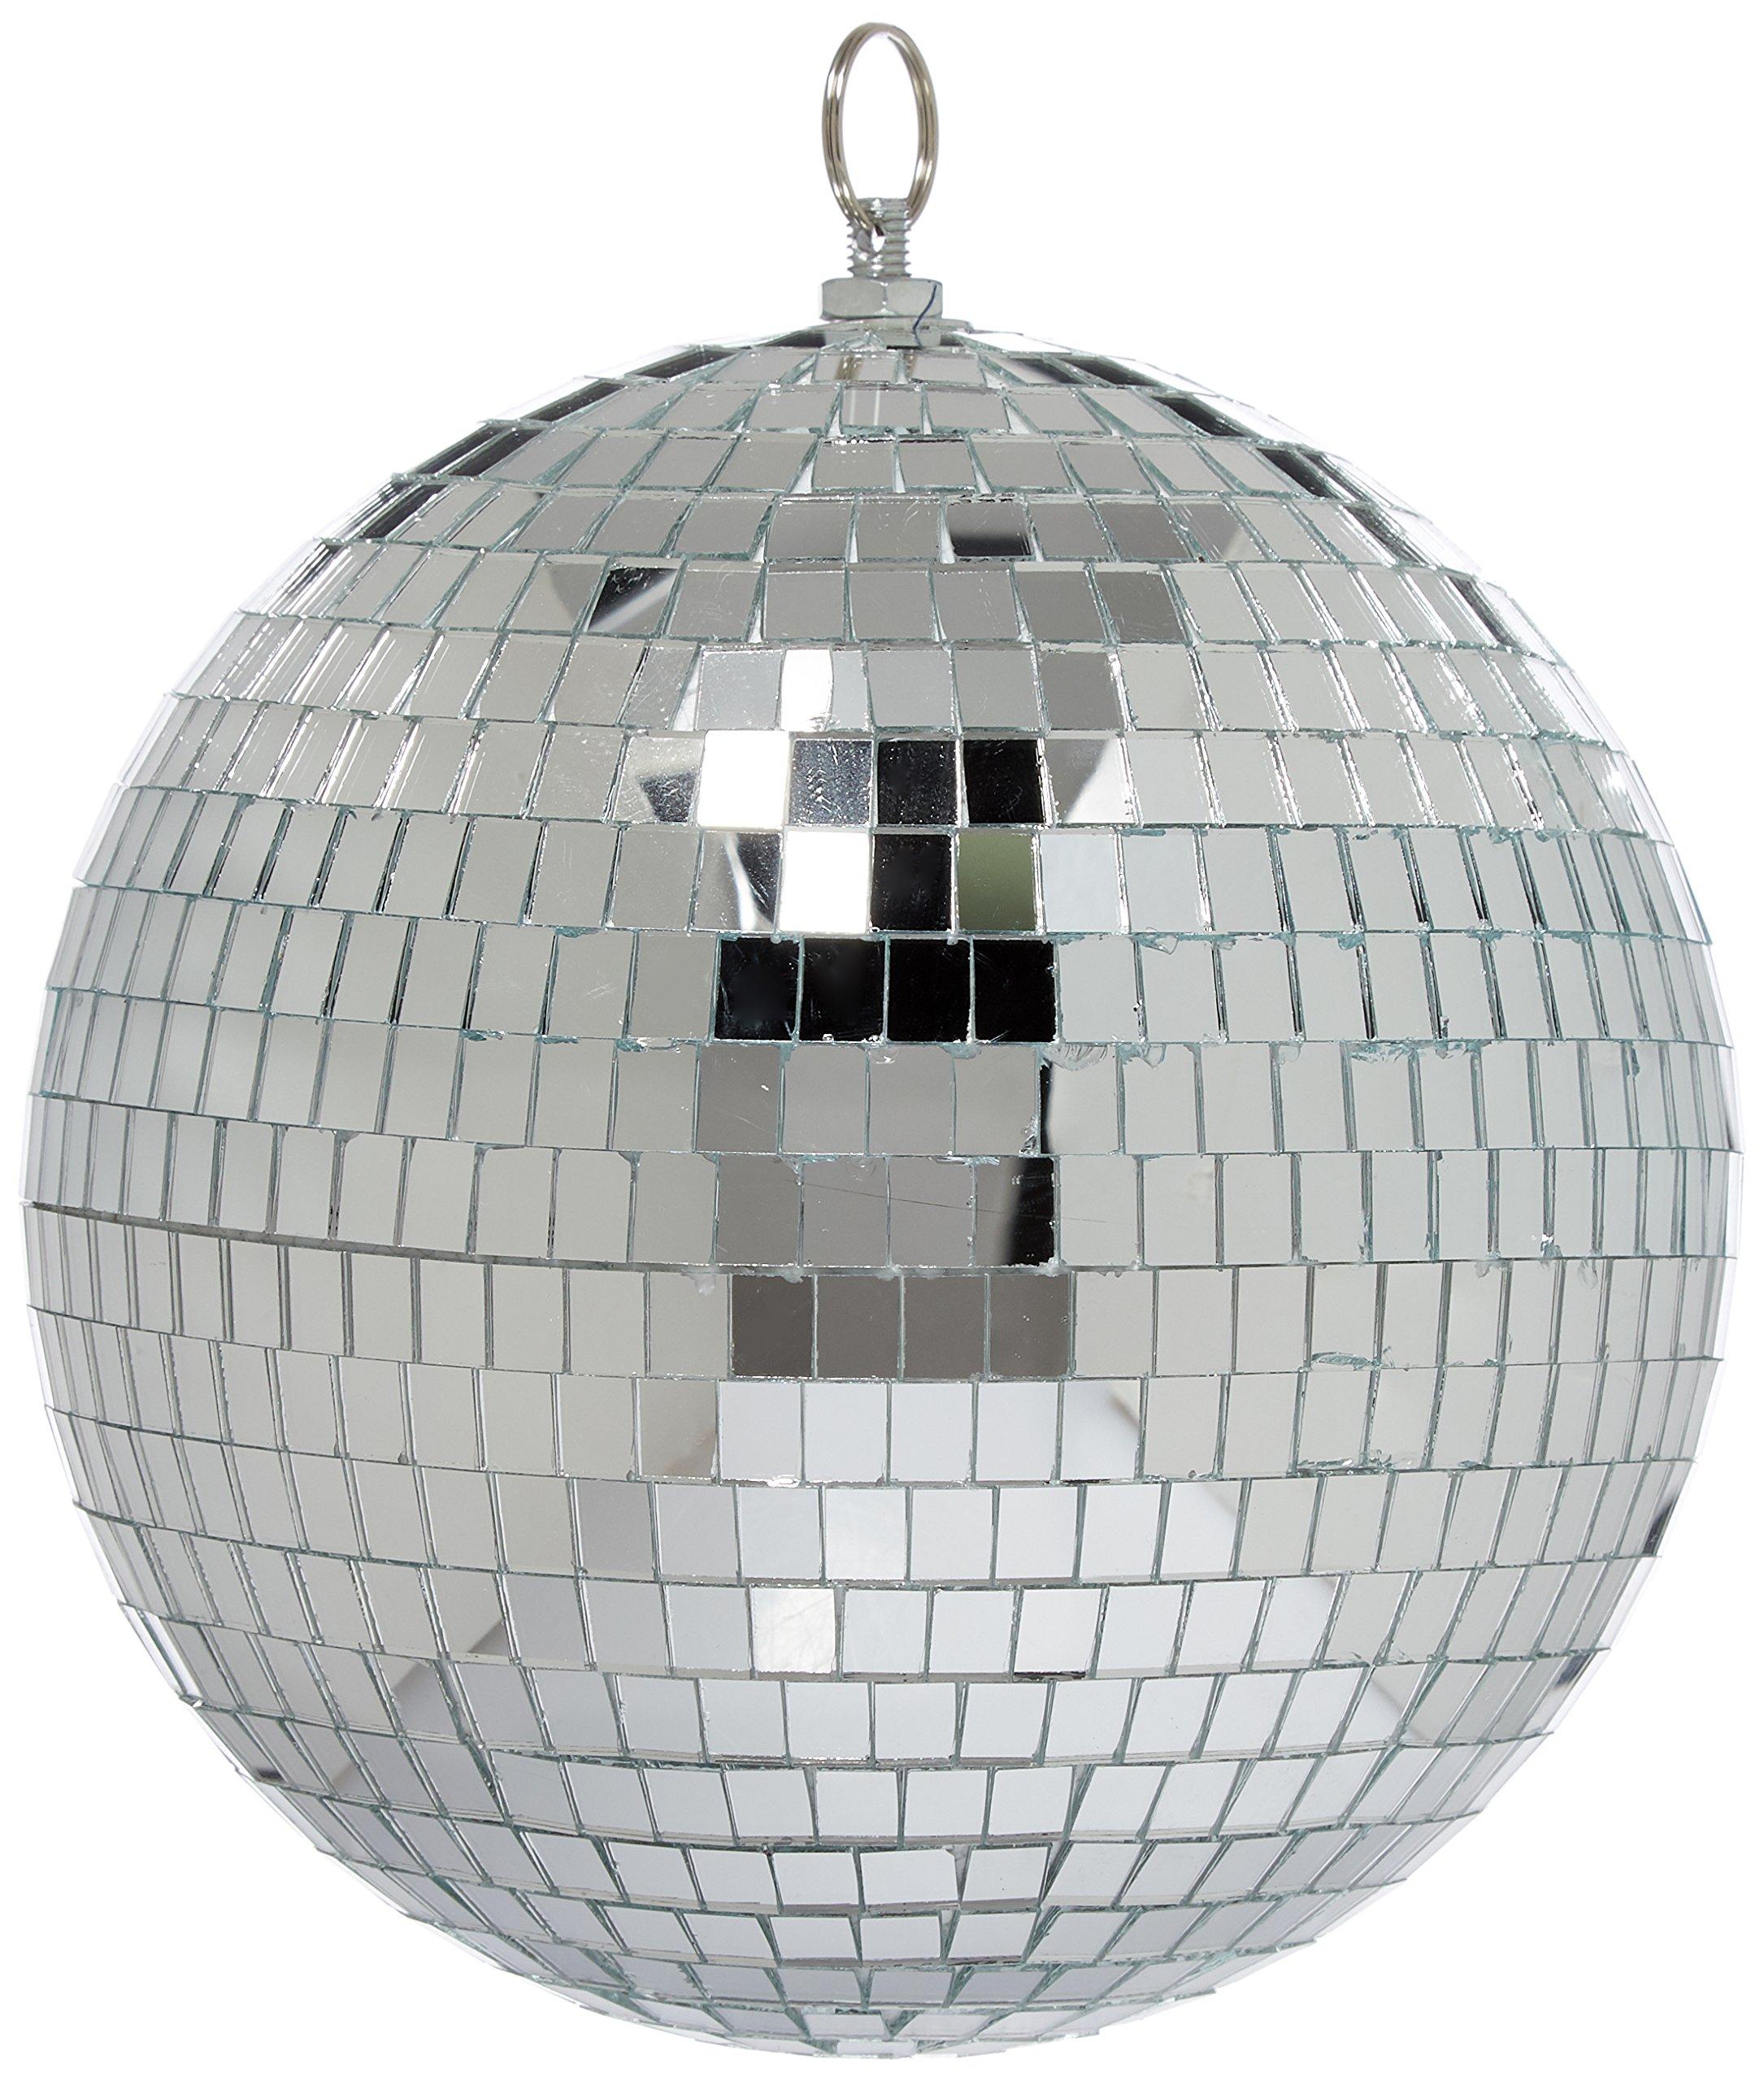 Forum Novelties 8'' Dia. Disco Ball- No Lights, Just the Ball!